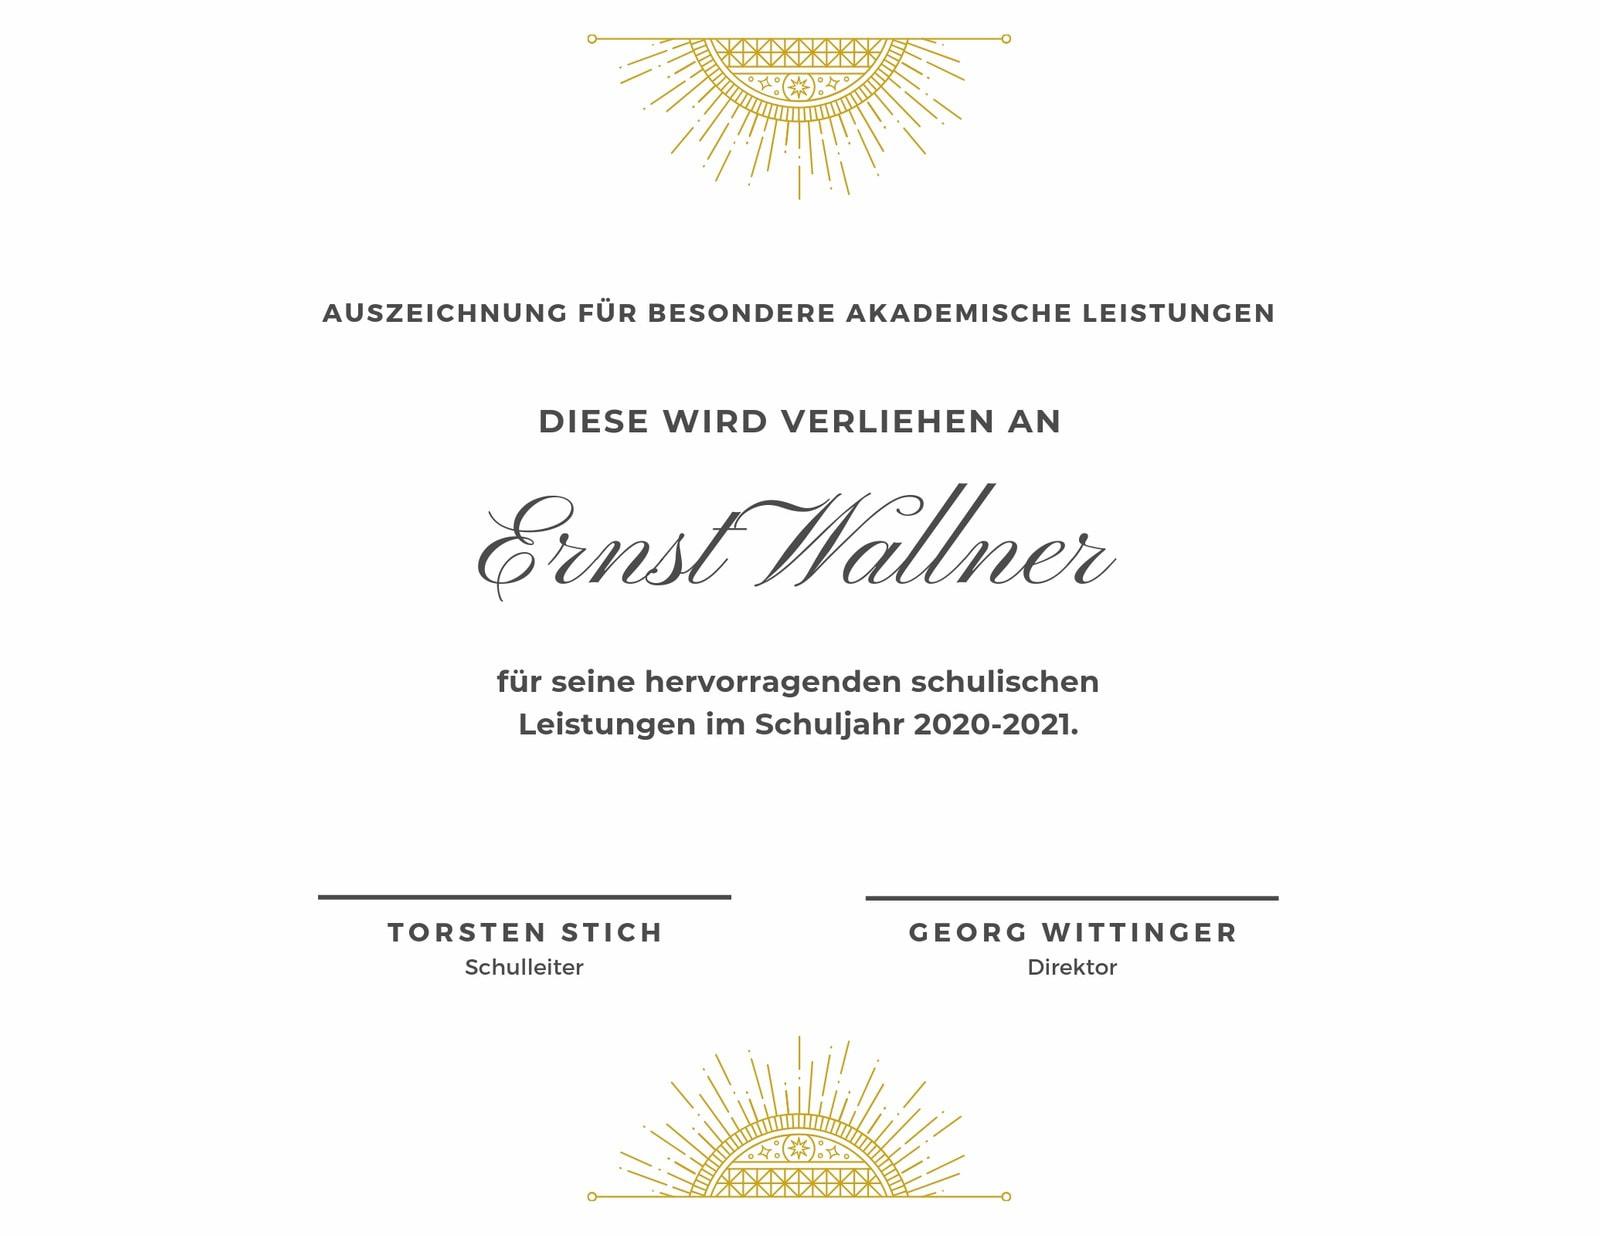 Weiß und Gold Elegant Akademisches Anerkennungszertifikat